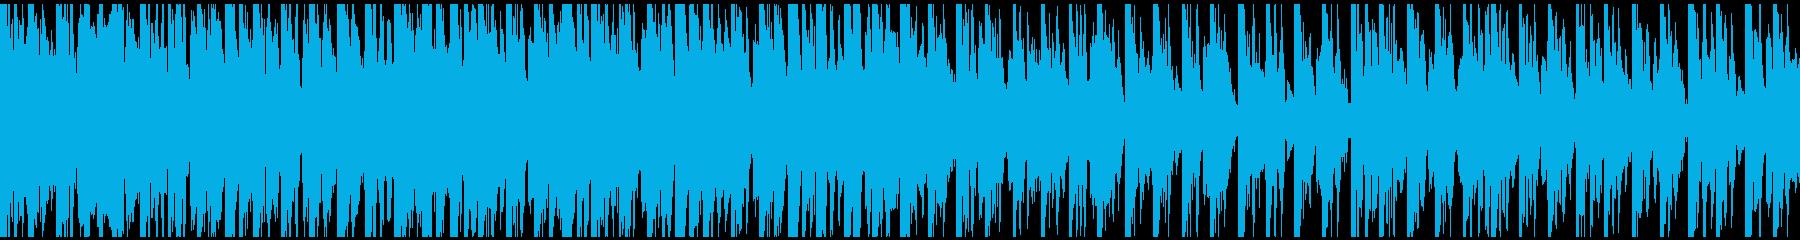 非常にわずかなトロピカル/アイラン...の再生済みの波形